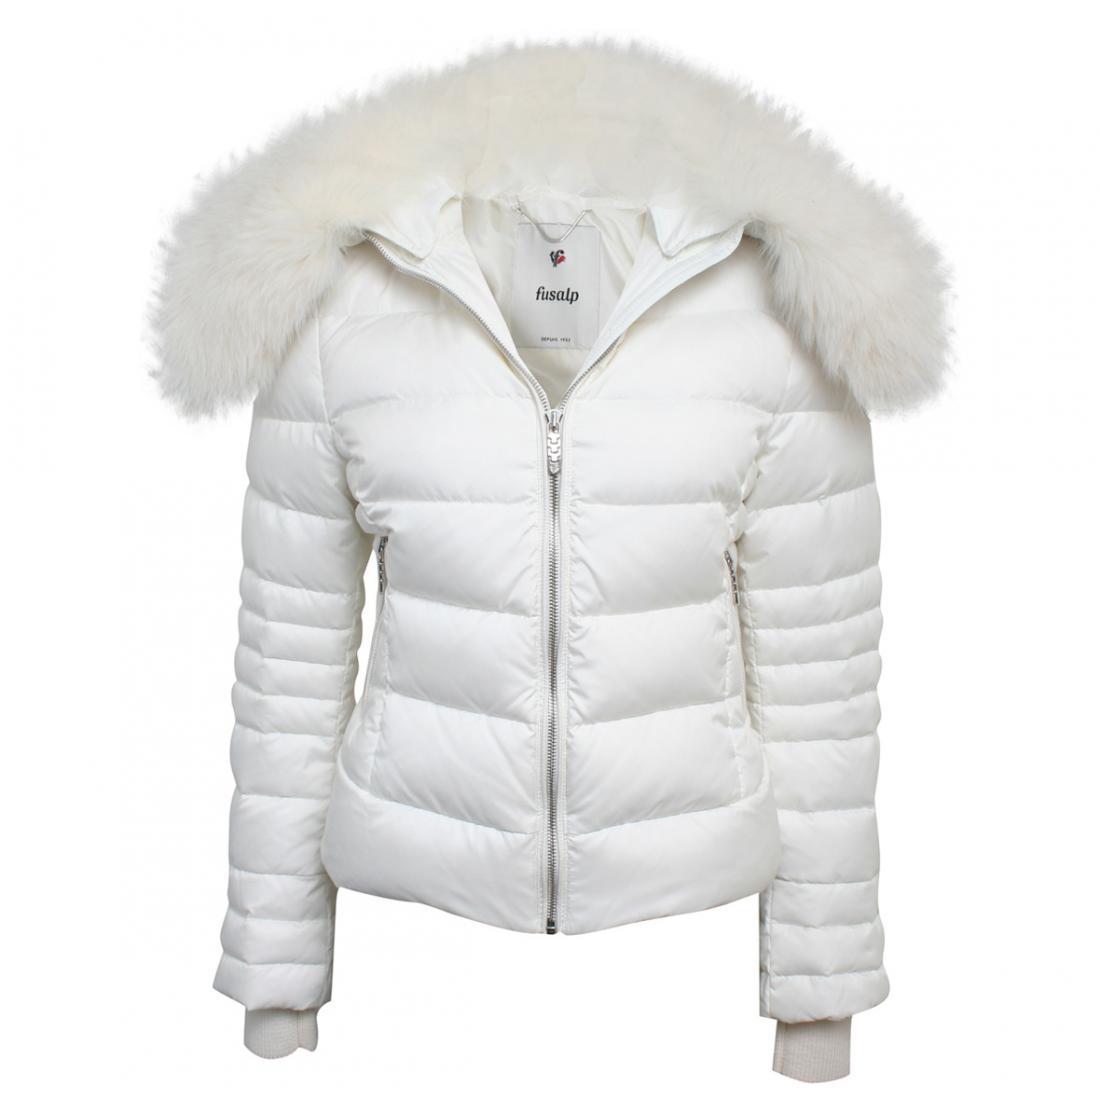 Куртка E1022 CHAMONIX жен.Куртки<br><br><br>Цвет: None<br>Размер: None